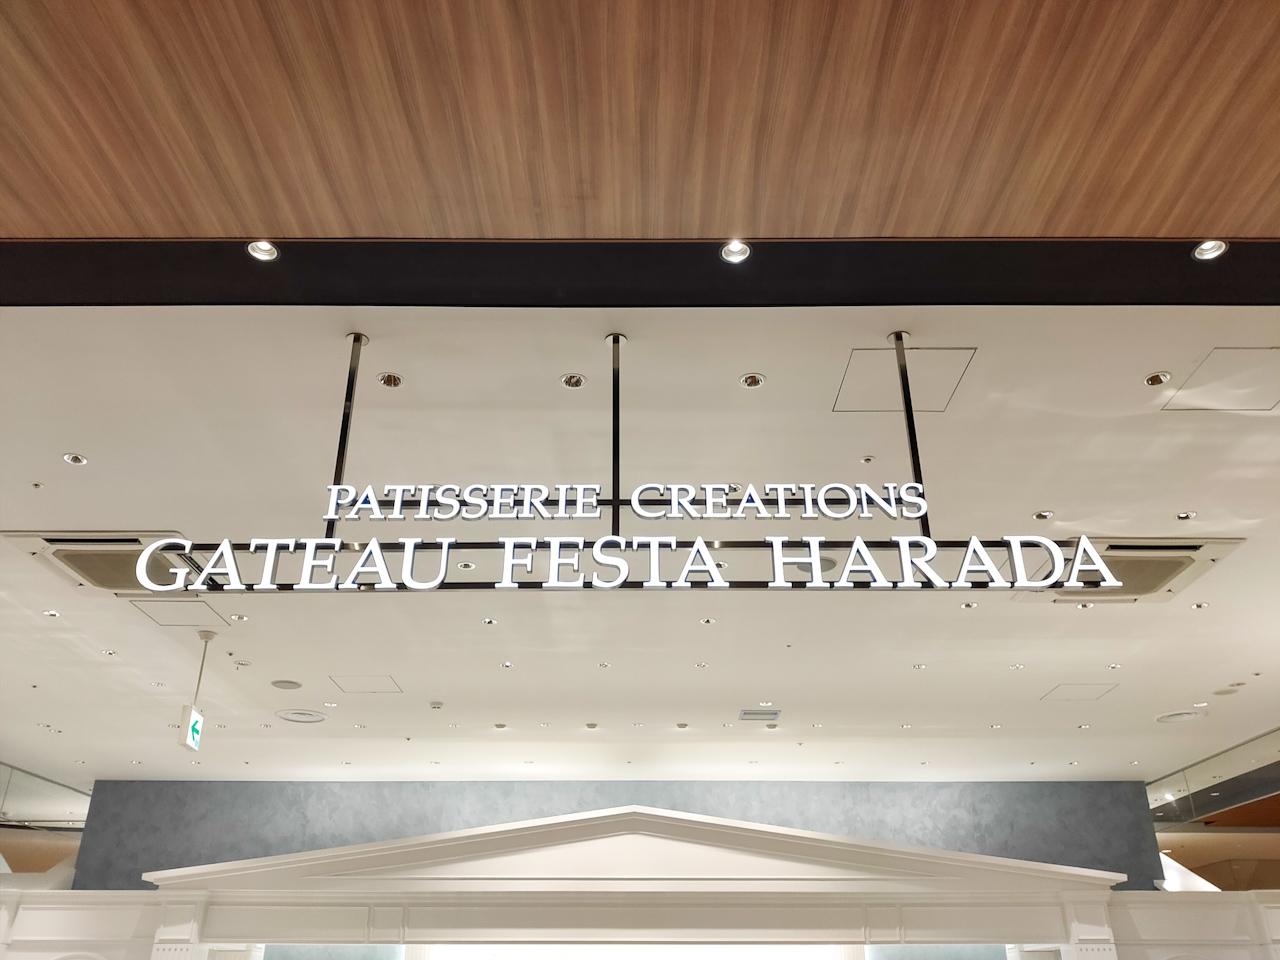 2021年6月25日(金)にコクーンシティのコクーン2・1階にオープンした「ガトーフェスタ ハラダ コクーンシティ さいたま新都心店」